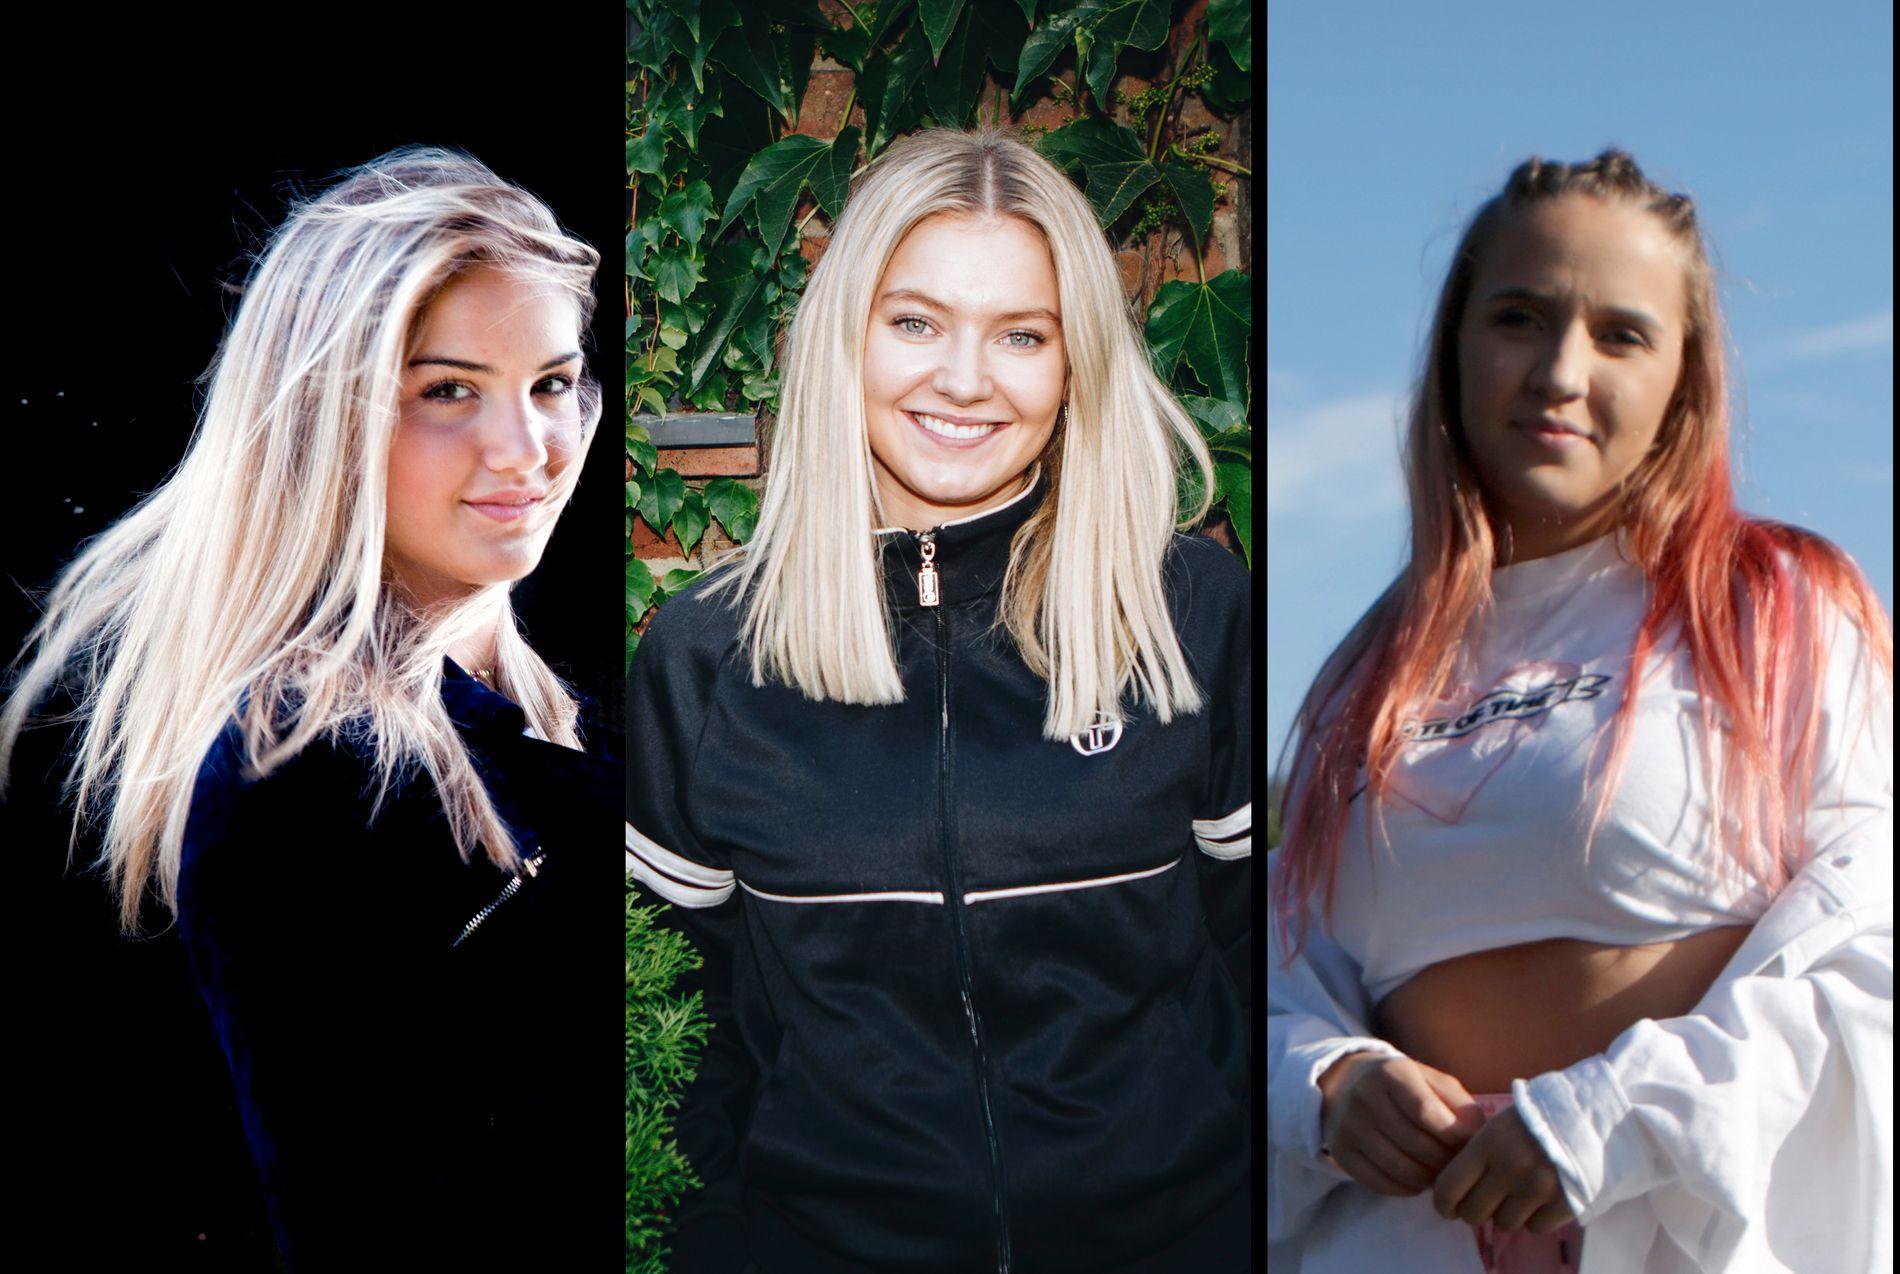 VIL VISE MER: Adelén, Astrid S og Fanny Andersen er tre av de norske artistene som har kastet seg på «Free the nipple- kampanjen».